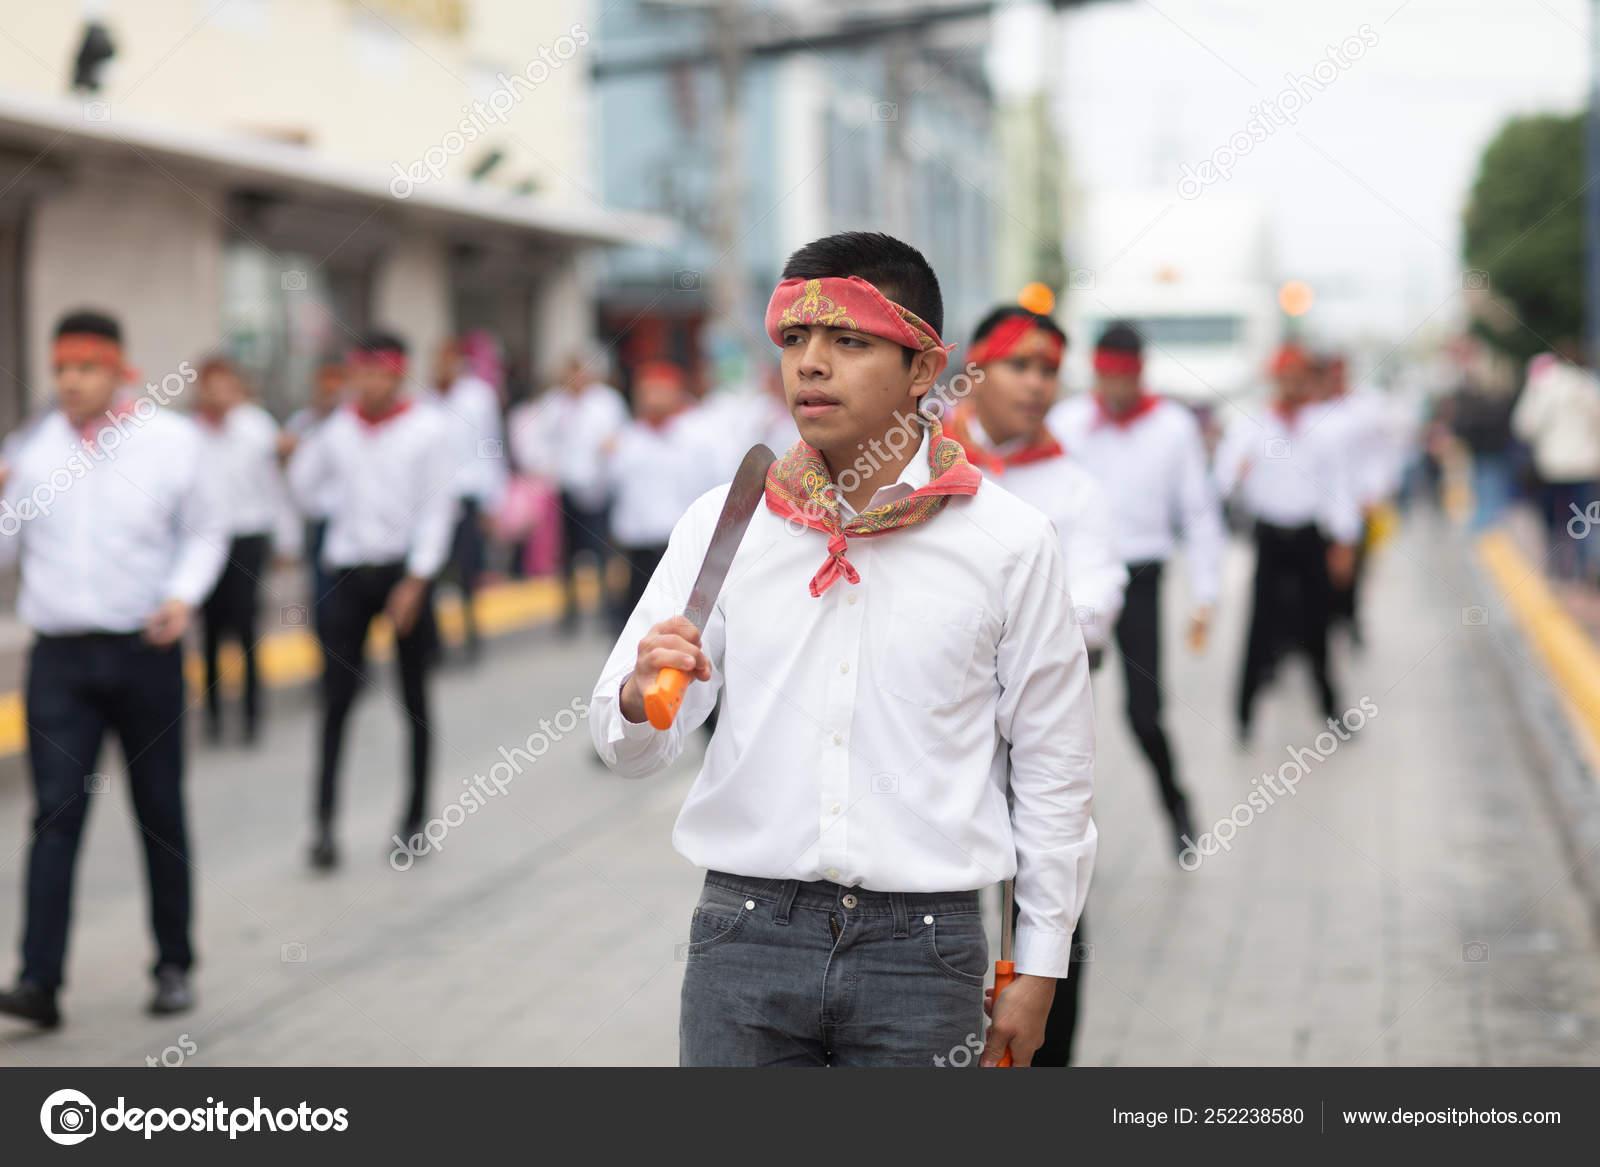 El Desfile Del 20 De Noviembre 2018 Foto Editorial De